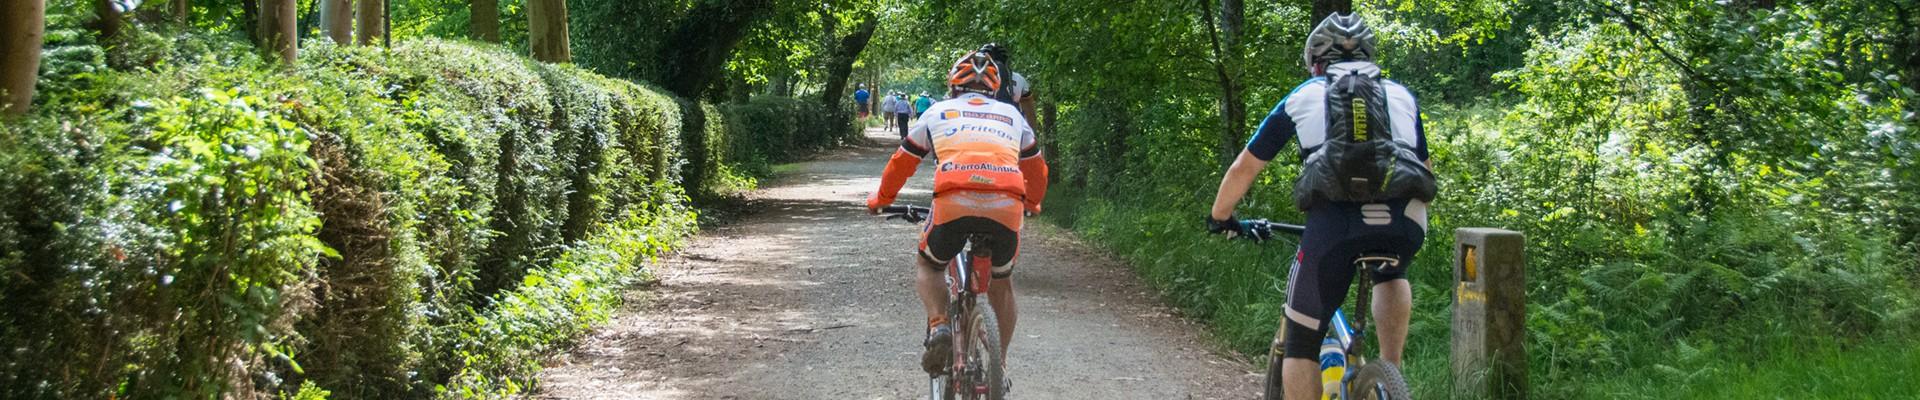 The Camino de Santiago by<strong> bike</strong>